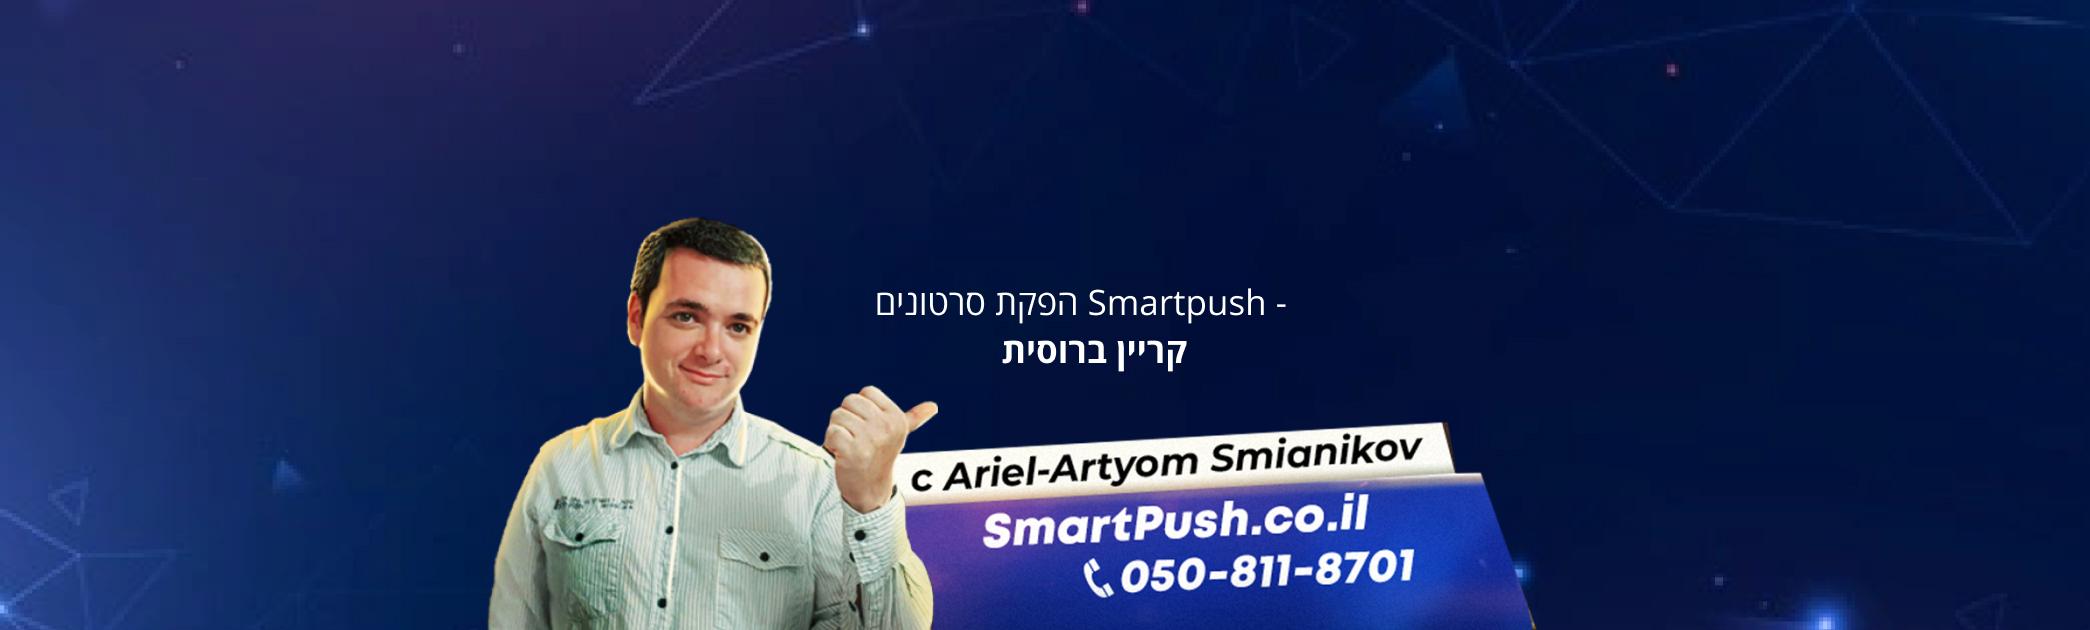 קריין ברוסית בישראל במחיר מצויין קריינות איכותית בשפה רוסית.